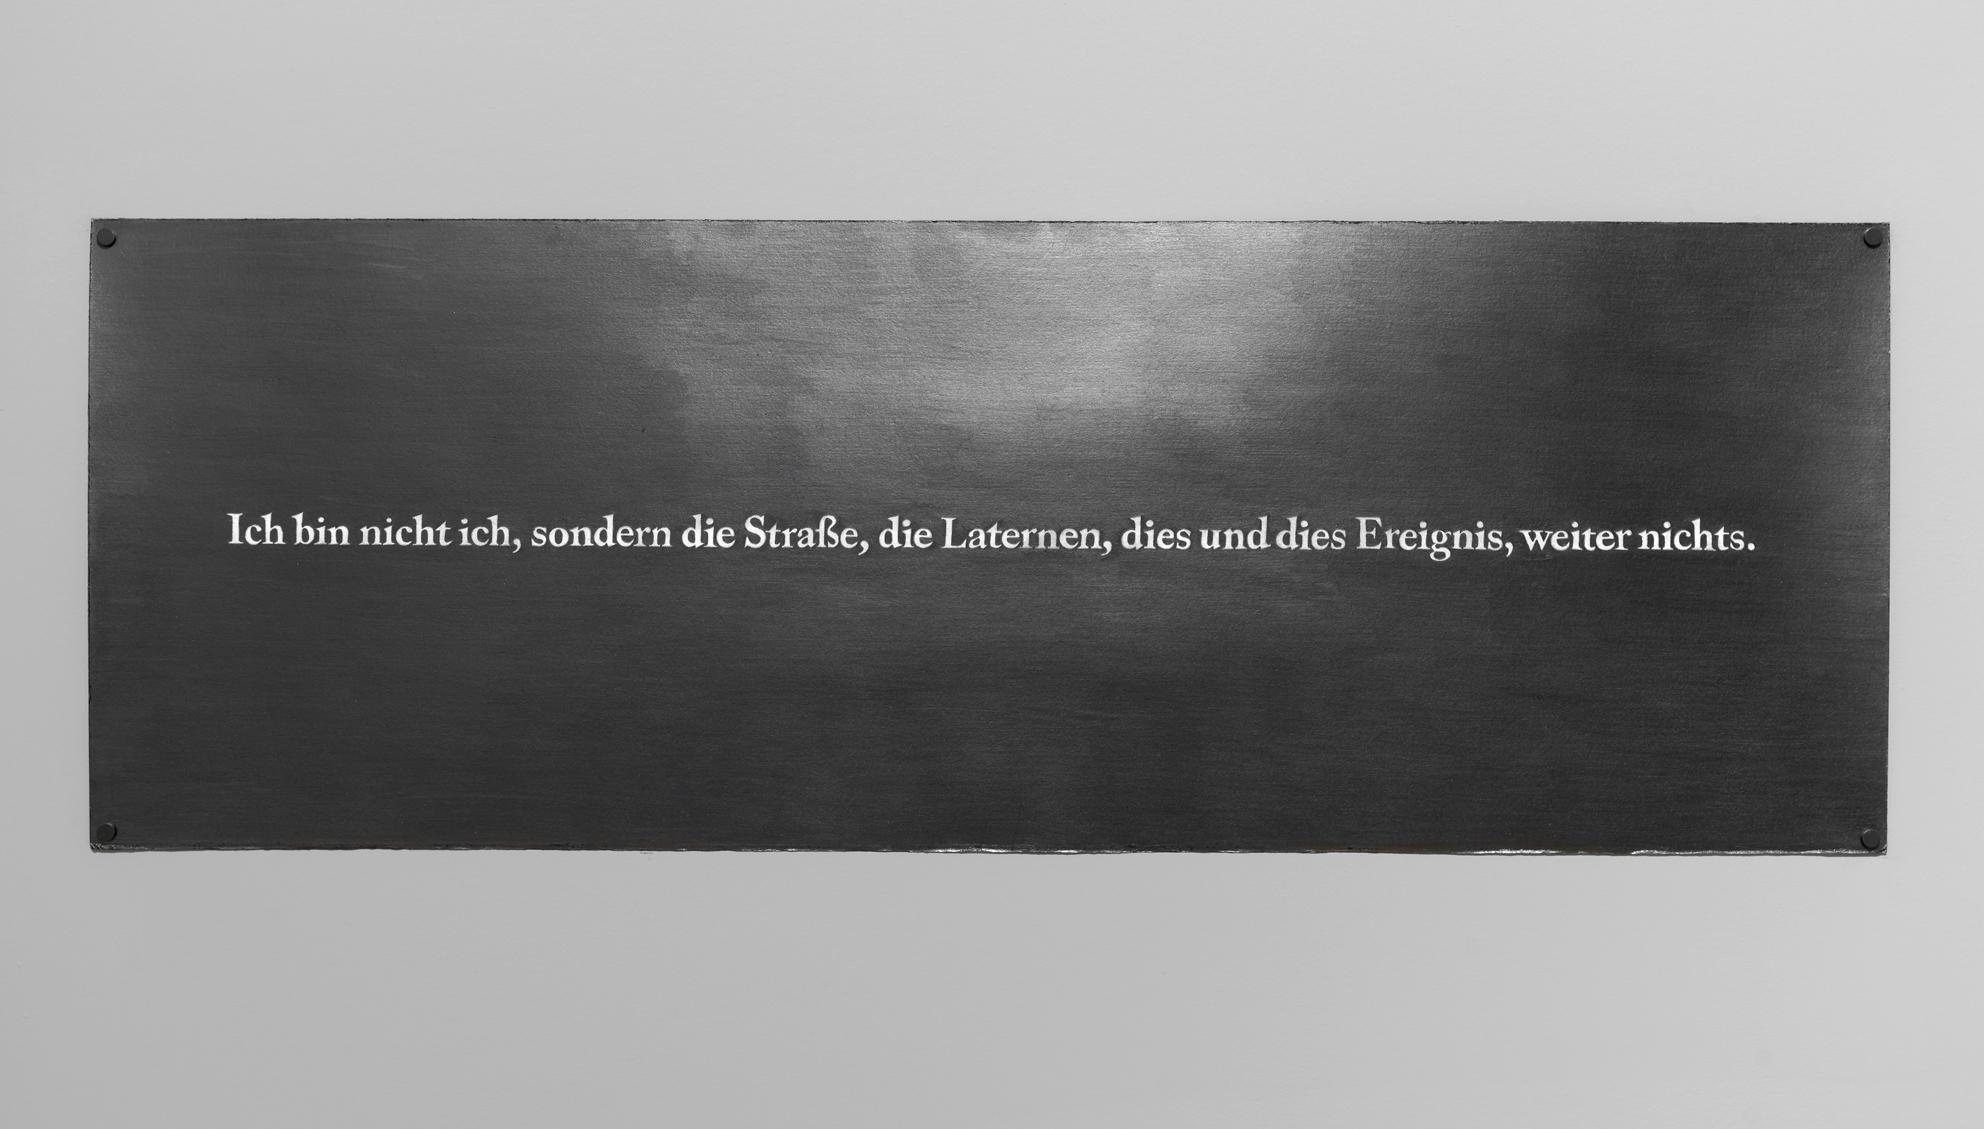 """Carl Trahan, Ich bin nicht ich, sondern die Straße, die Laternen, dies und dies Ereignis, weiter nichts (Je ne suis pas moi, mais la rue, les réverbères, tel ou tel évènement, rien de plus) , 2015, graphite on paper, 14"""" x 39"""" (35 x 100 cm)"""